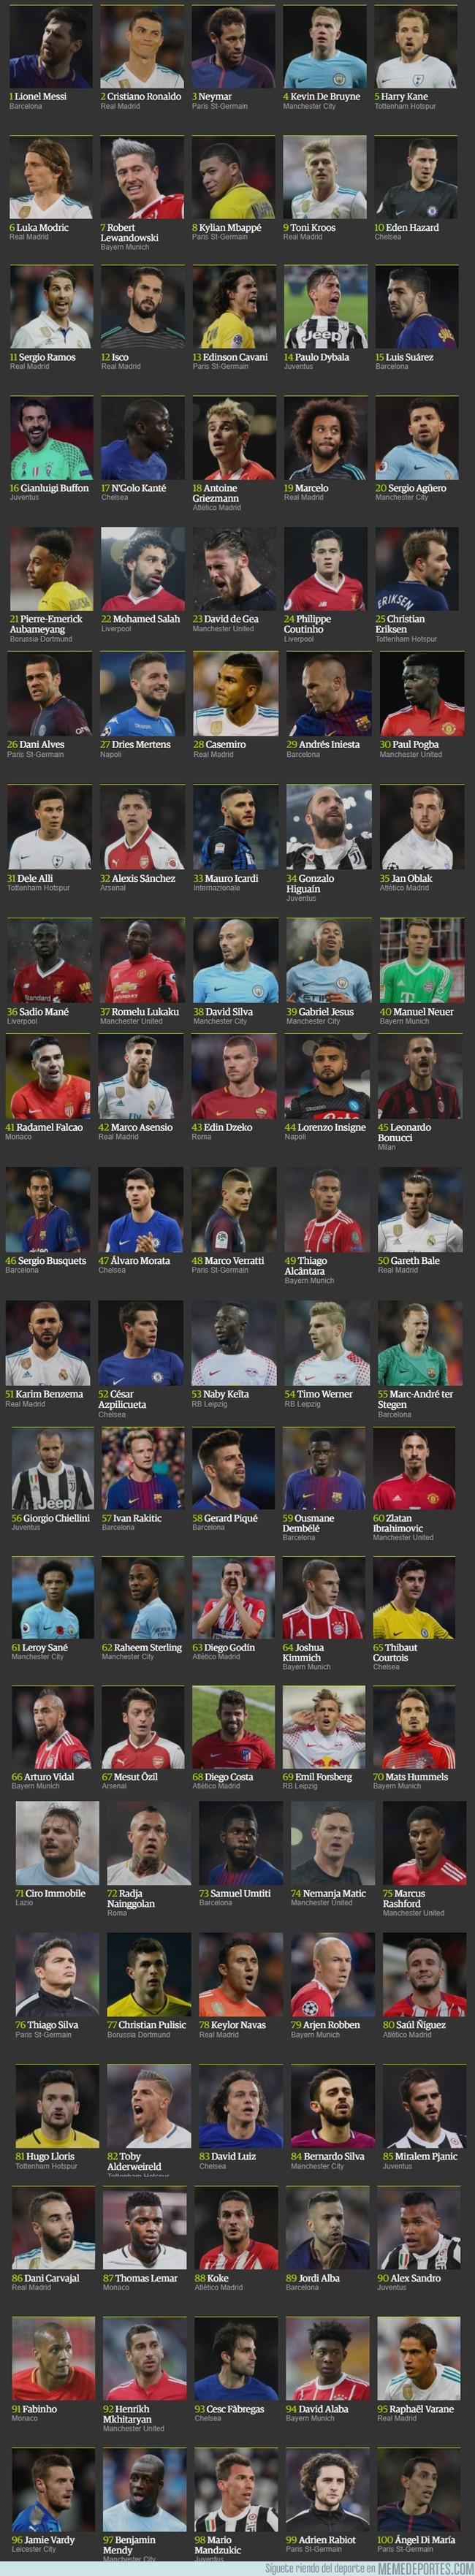 1013183 - The Guardian sacó su listado de los mejores jugadores del año